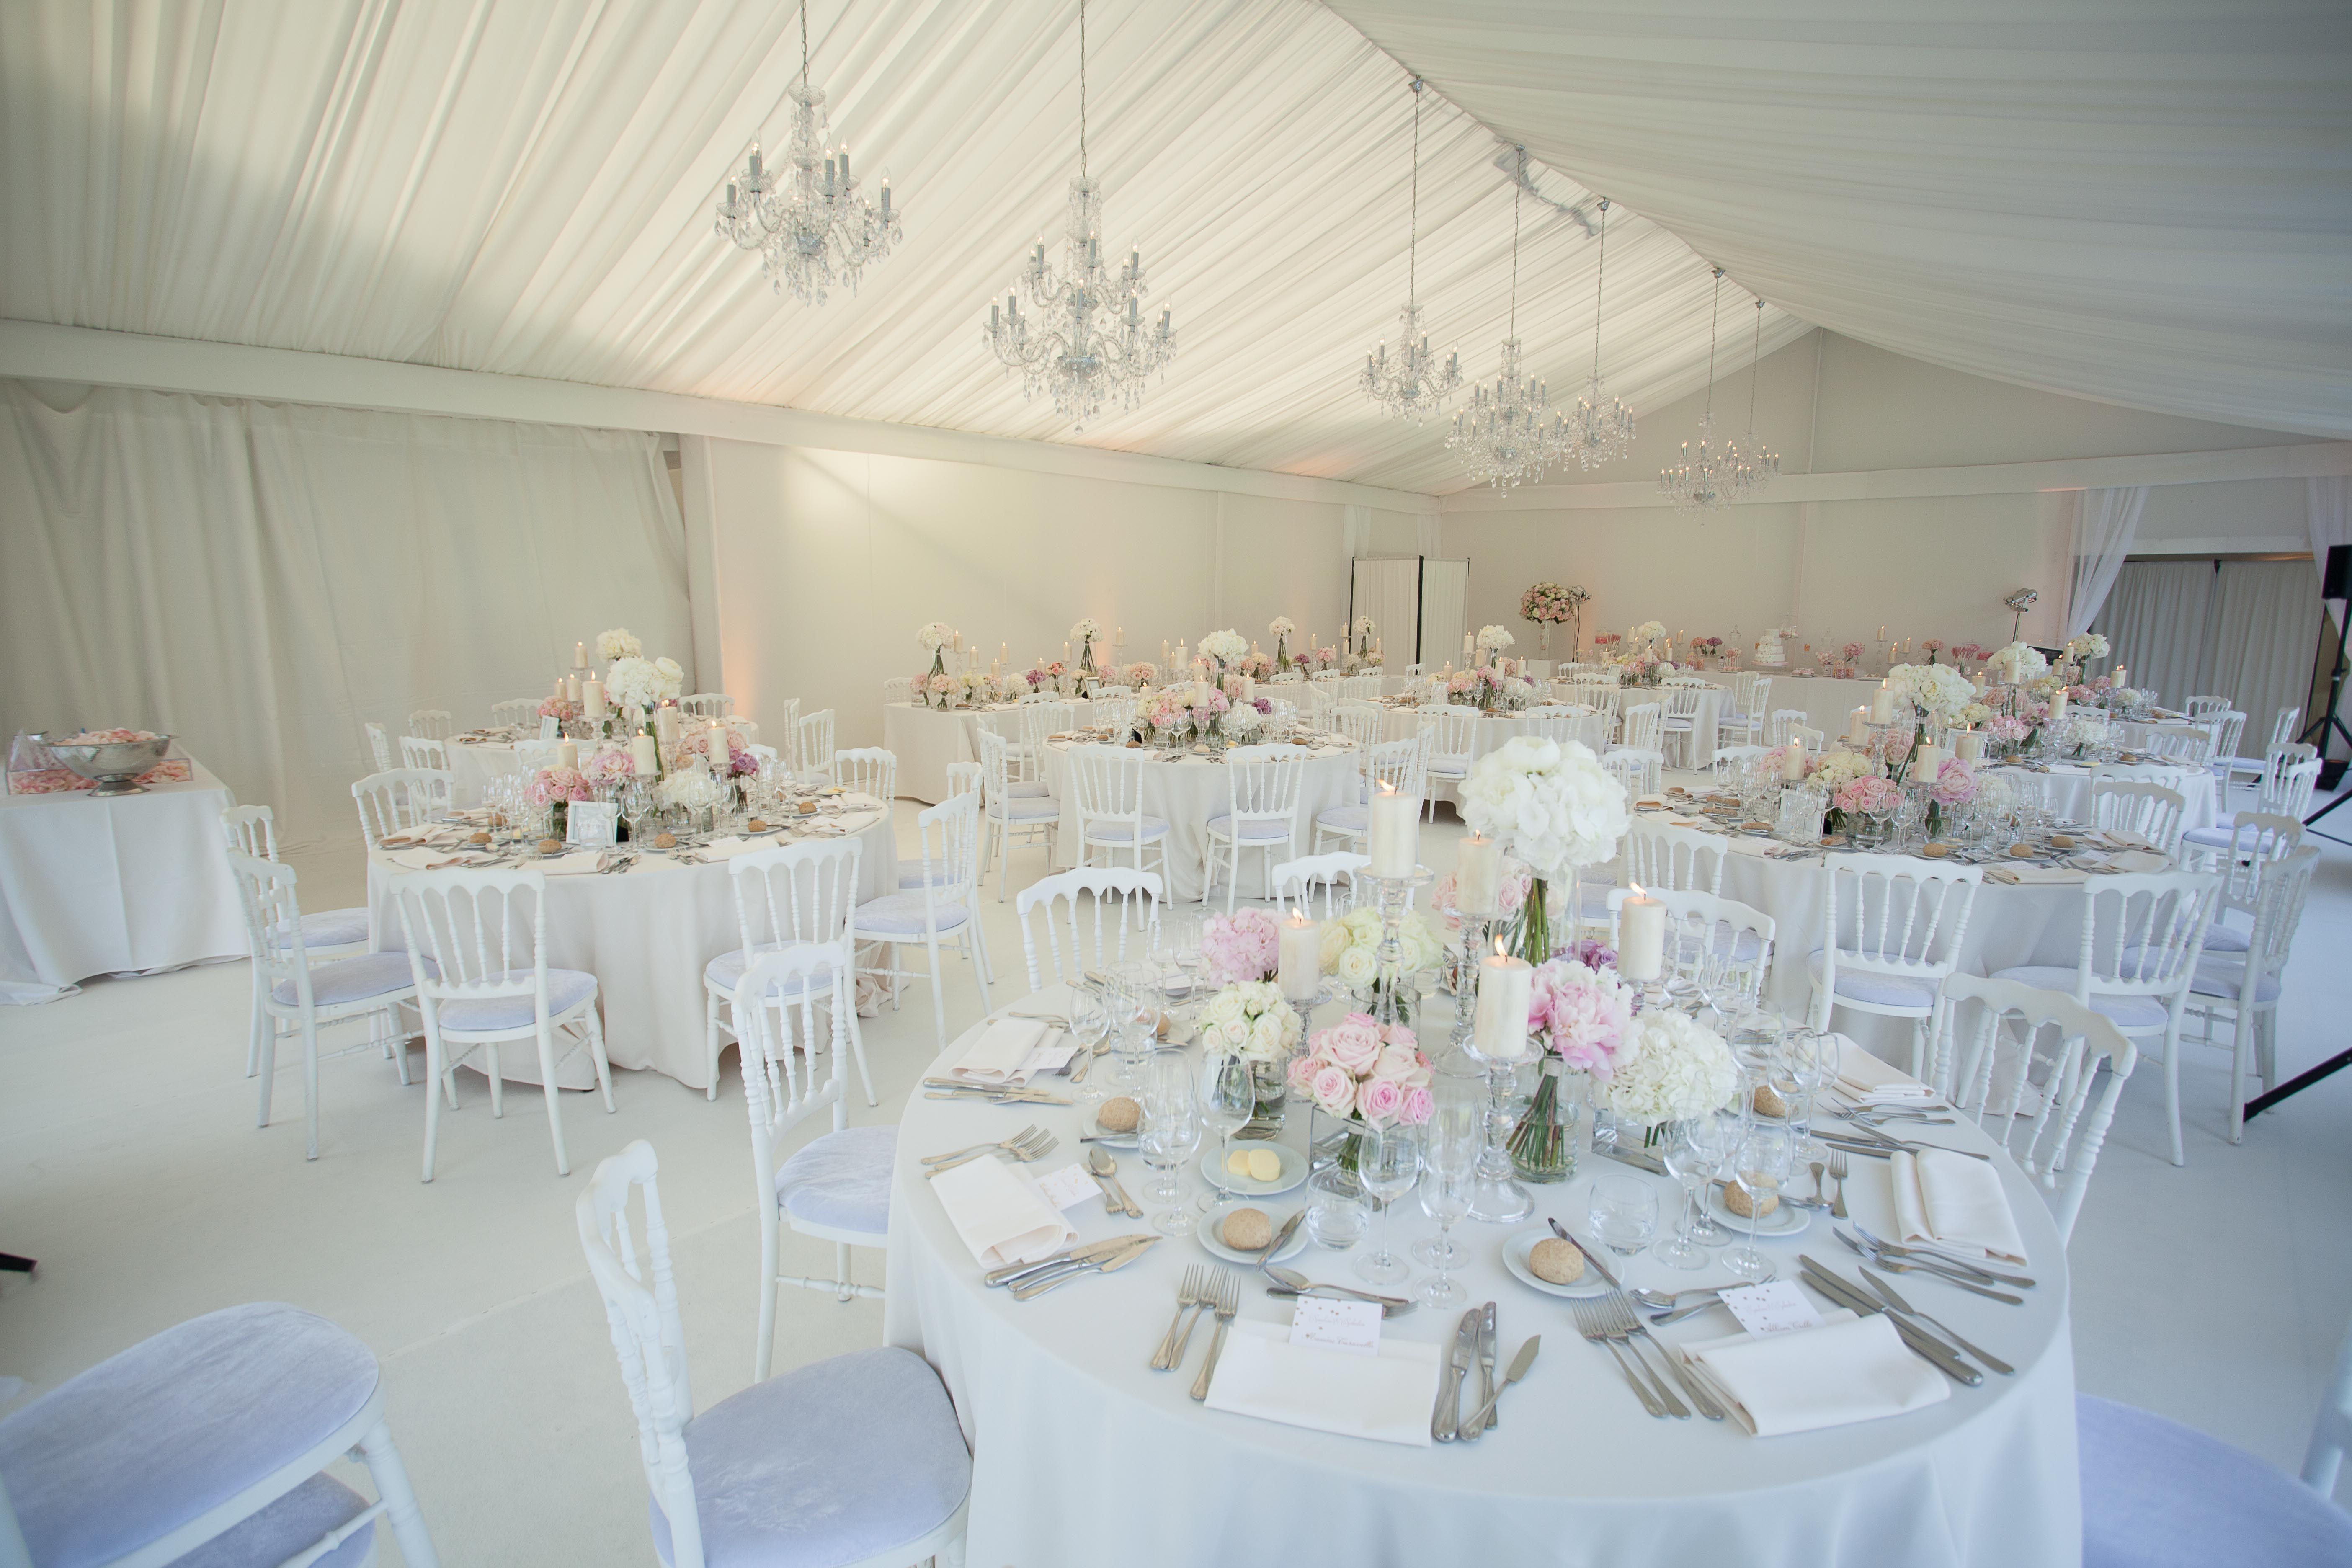 Décoration Mariage Glamour Chic Et Romantique Table S